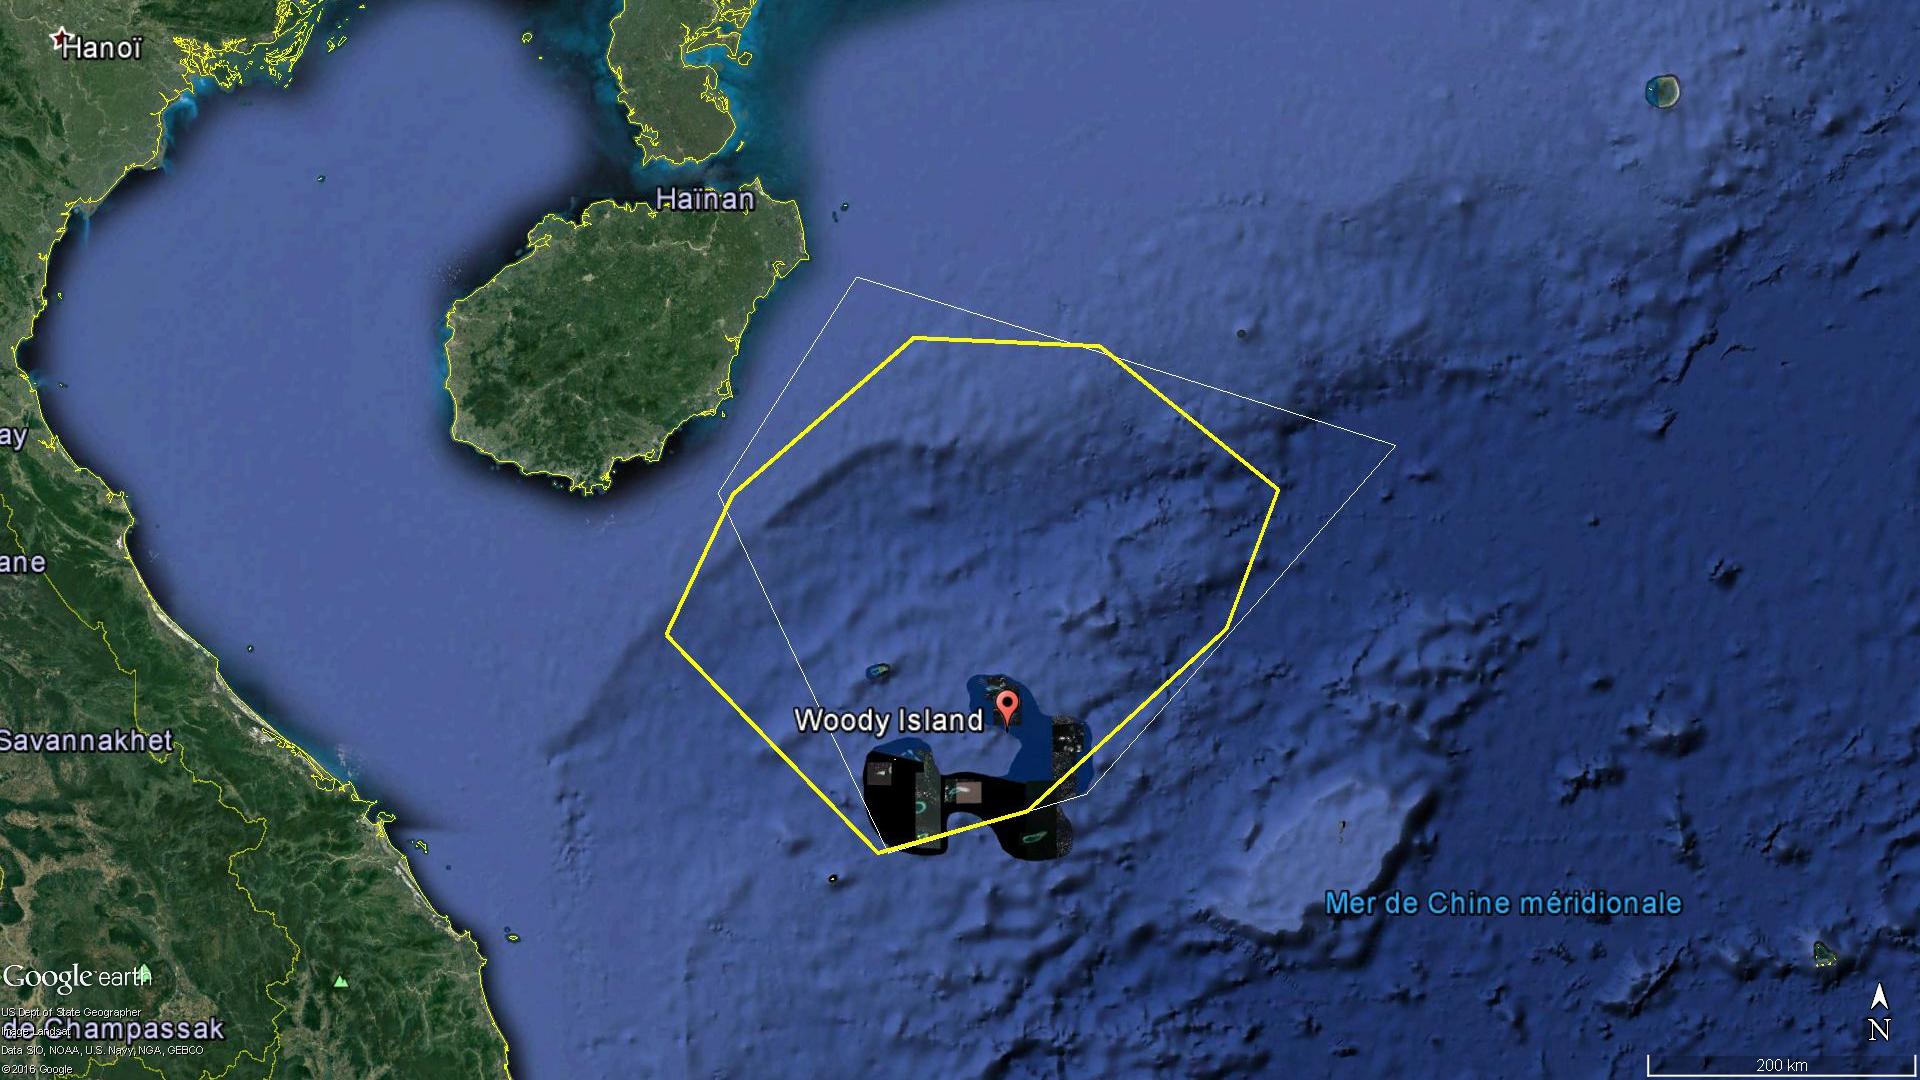 En jaune la zone aérienne délimitée par le NOTAM A1606/16, en blanc celle de MSA-2016-14163 / 琼航警0048 sur mer.